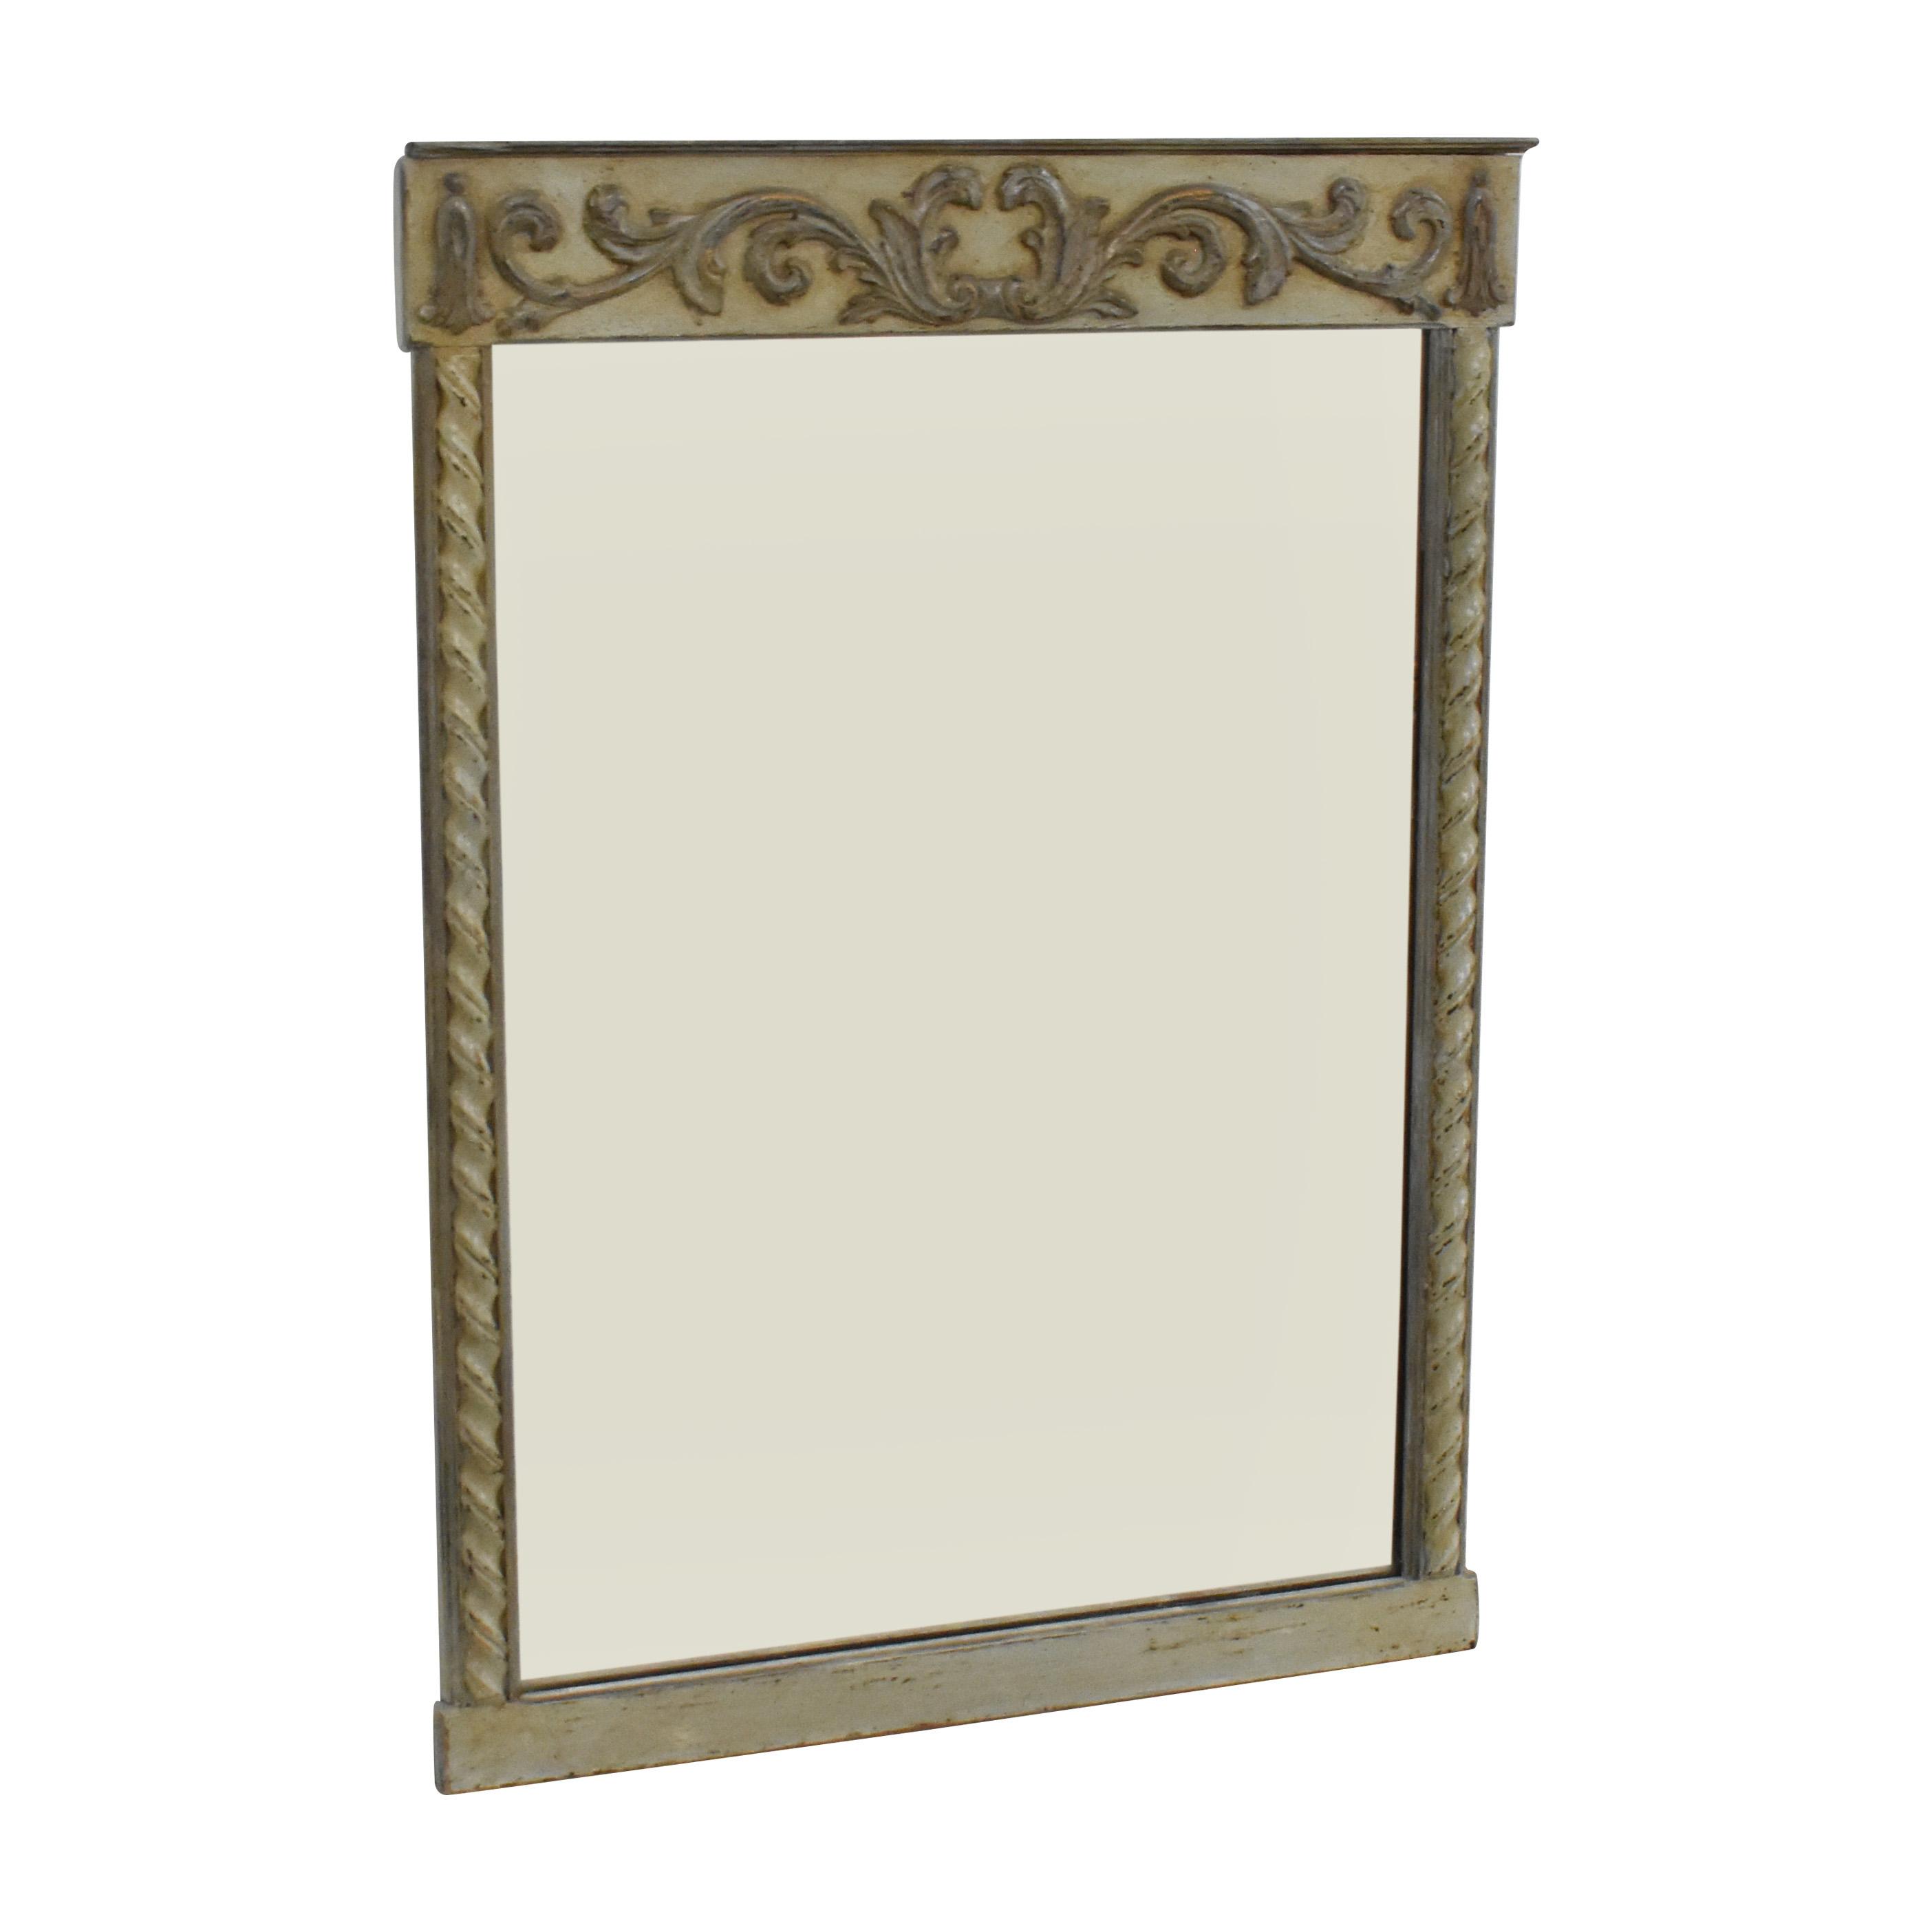 Decorative Antique Mirror nj